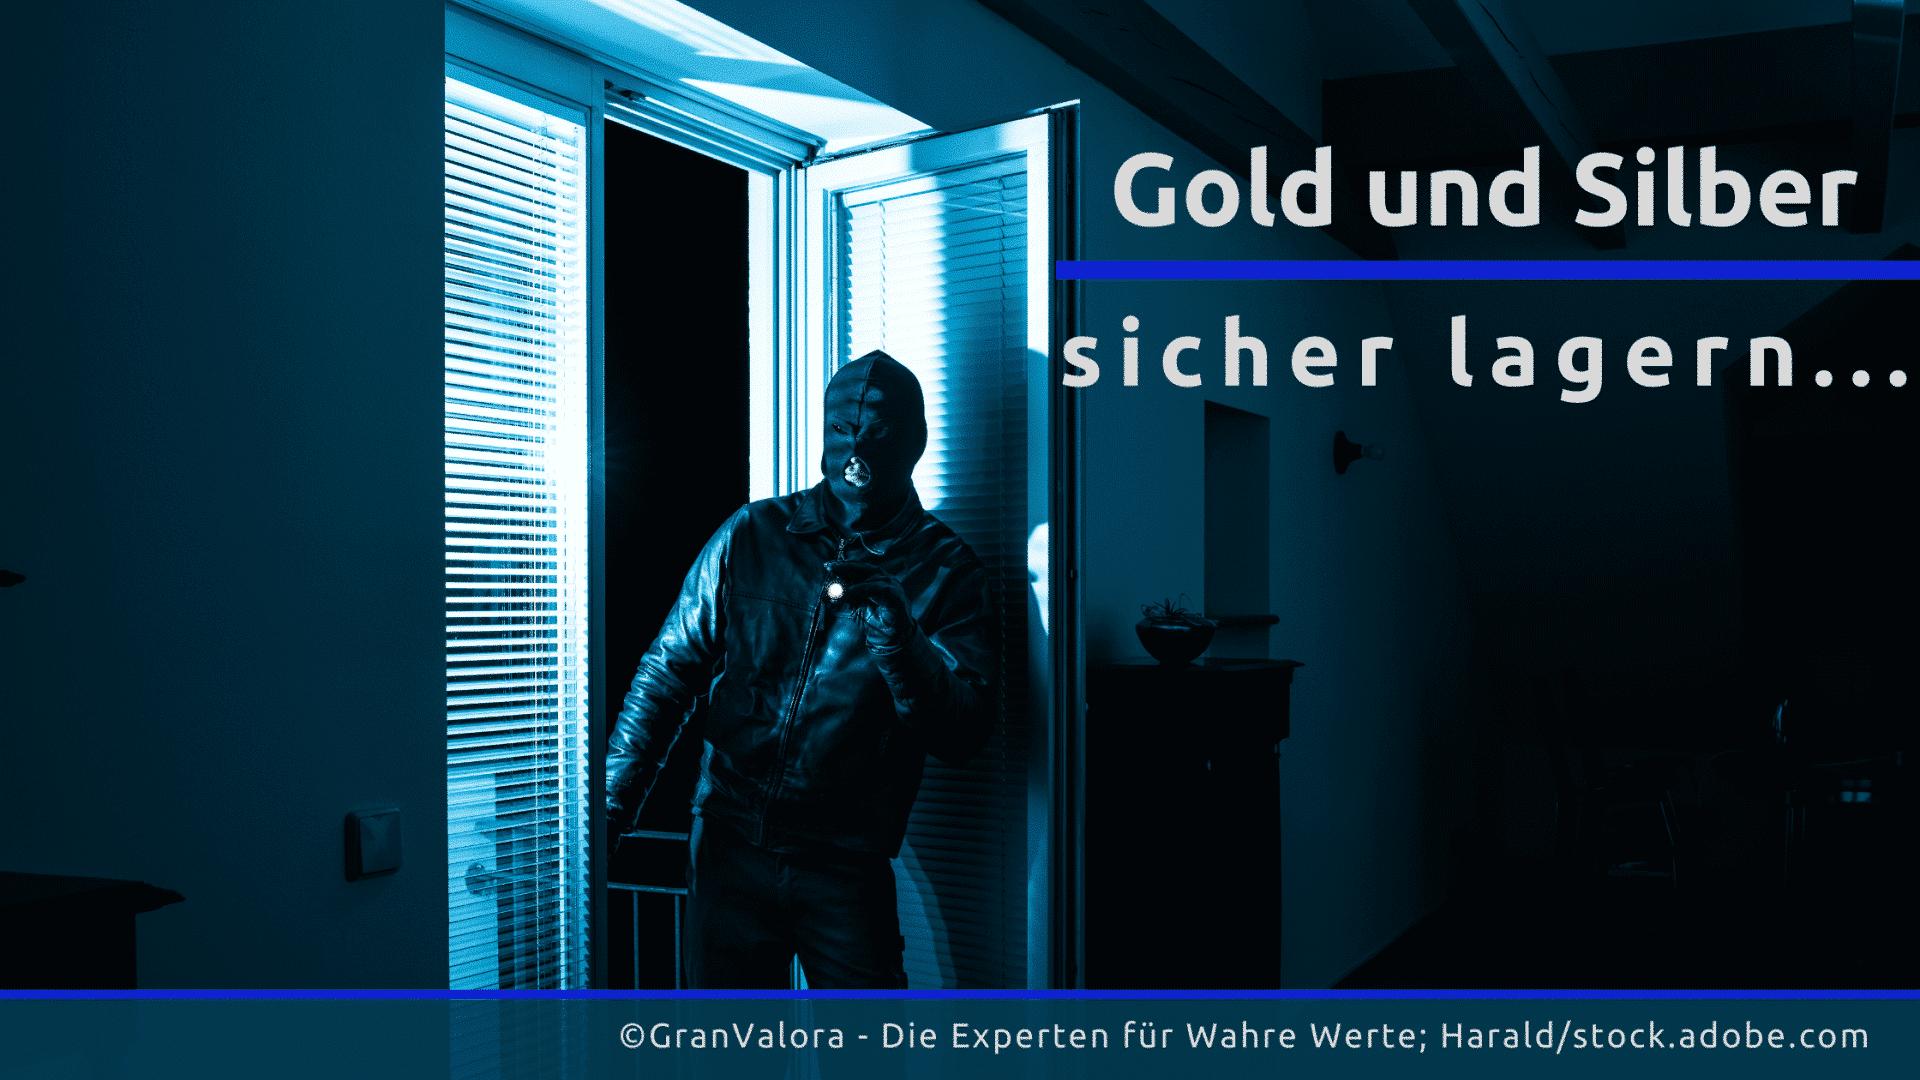 Gold und Silber sicher lagern